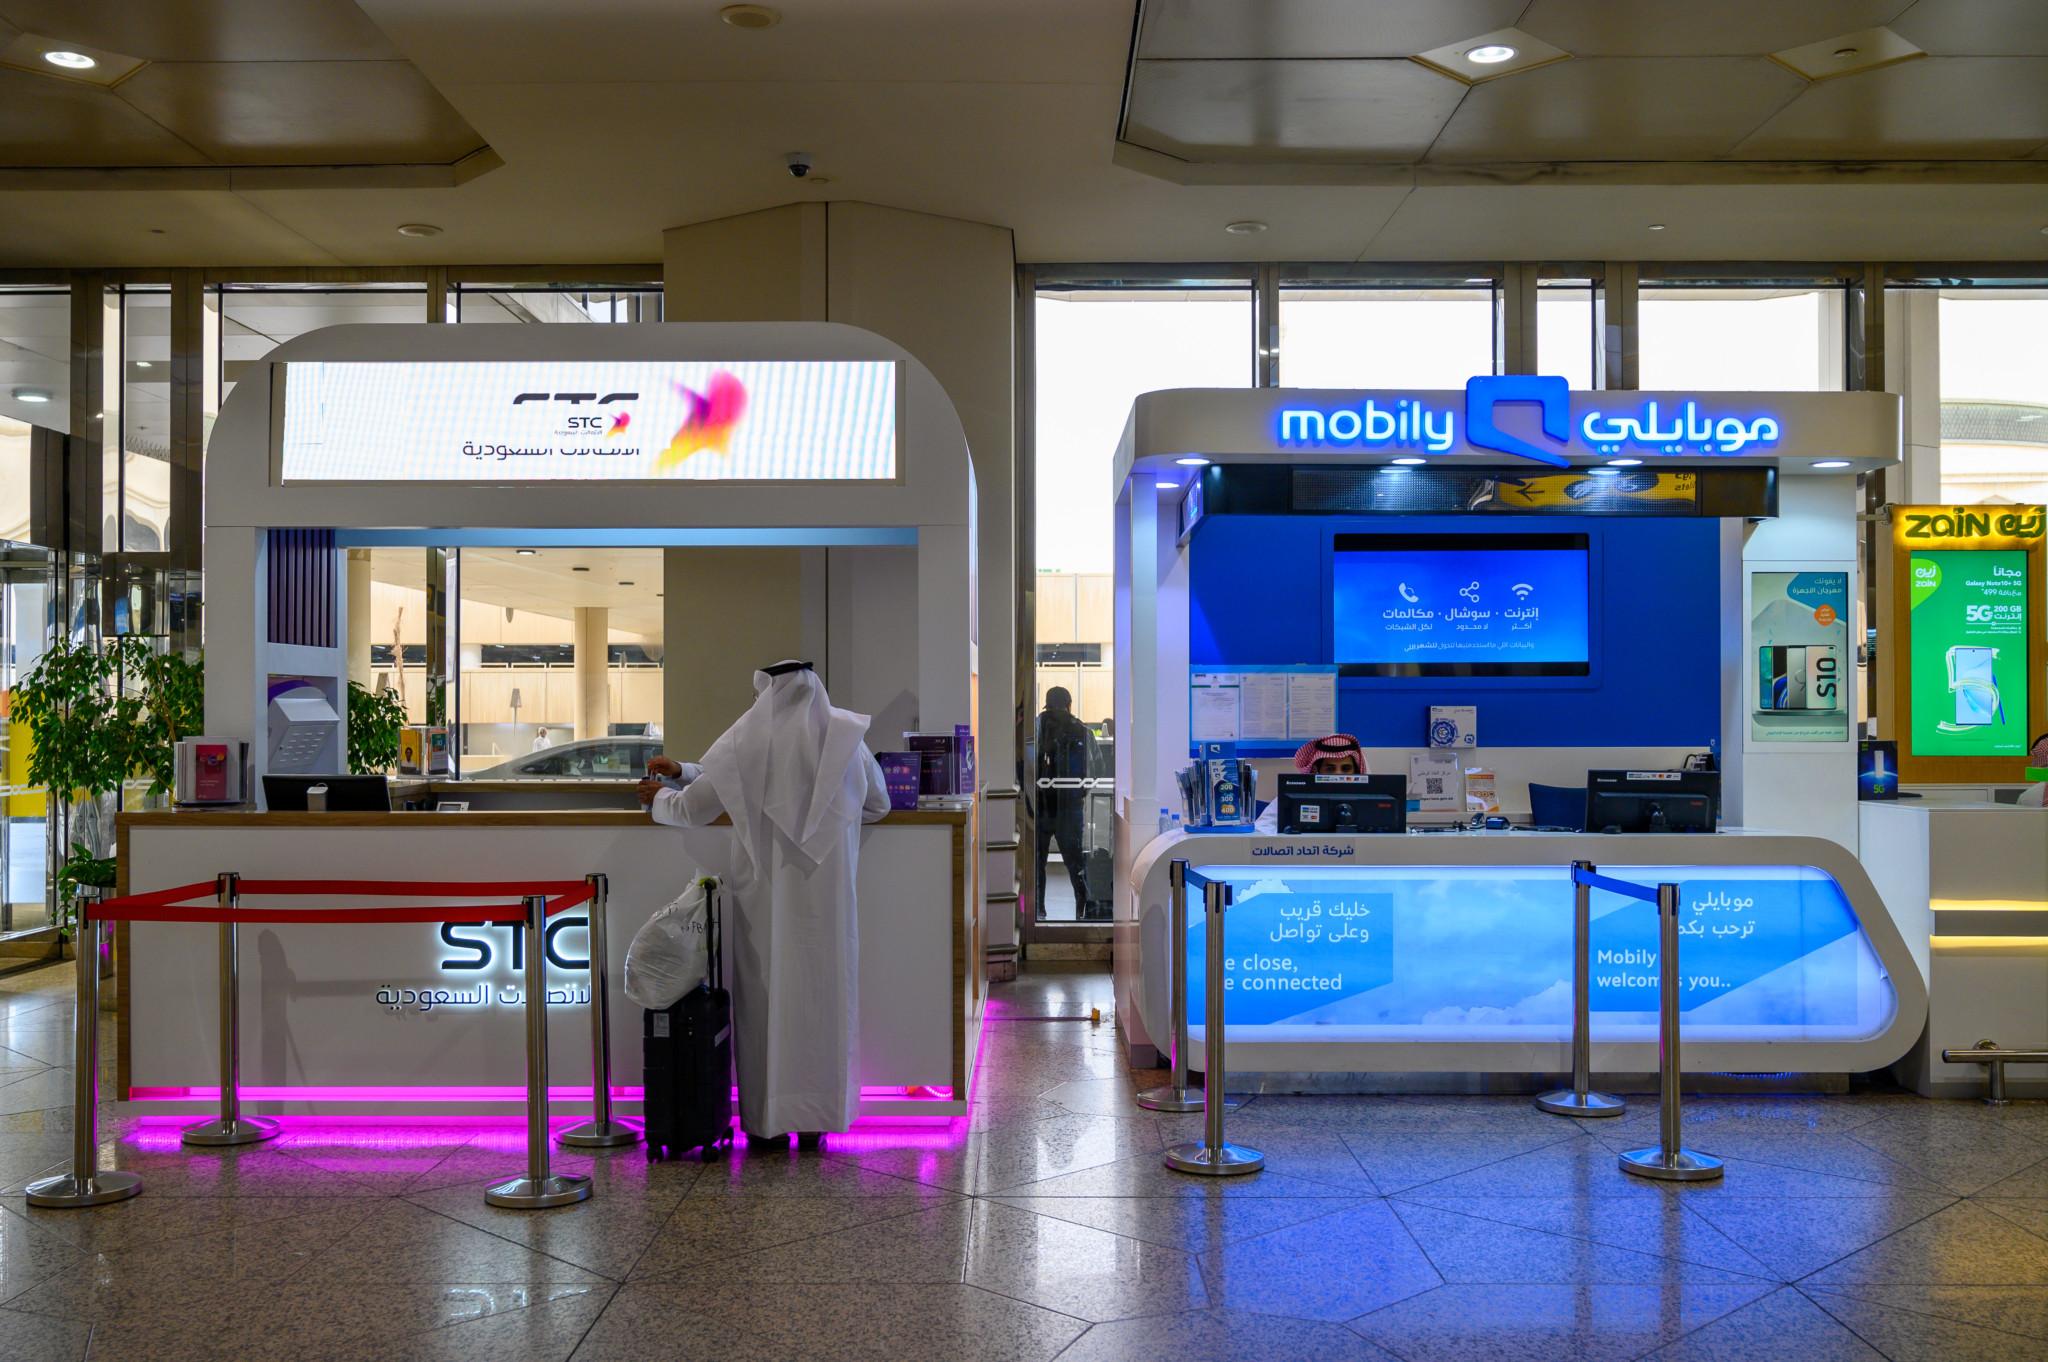 Sim-Karten-Stände am Flughafen von Jeddah